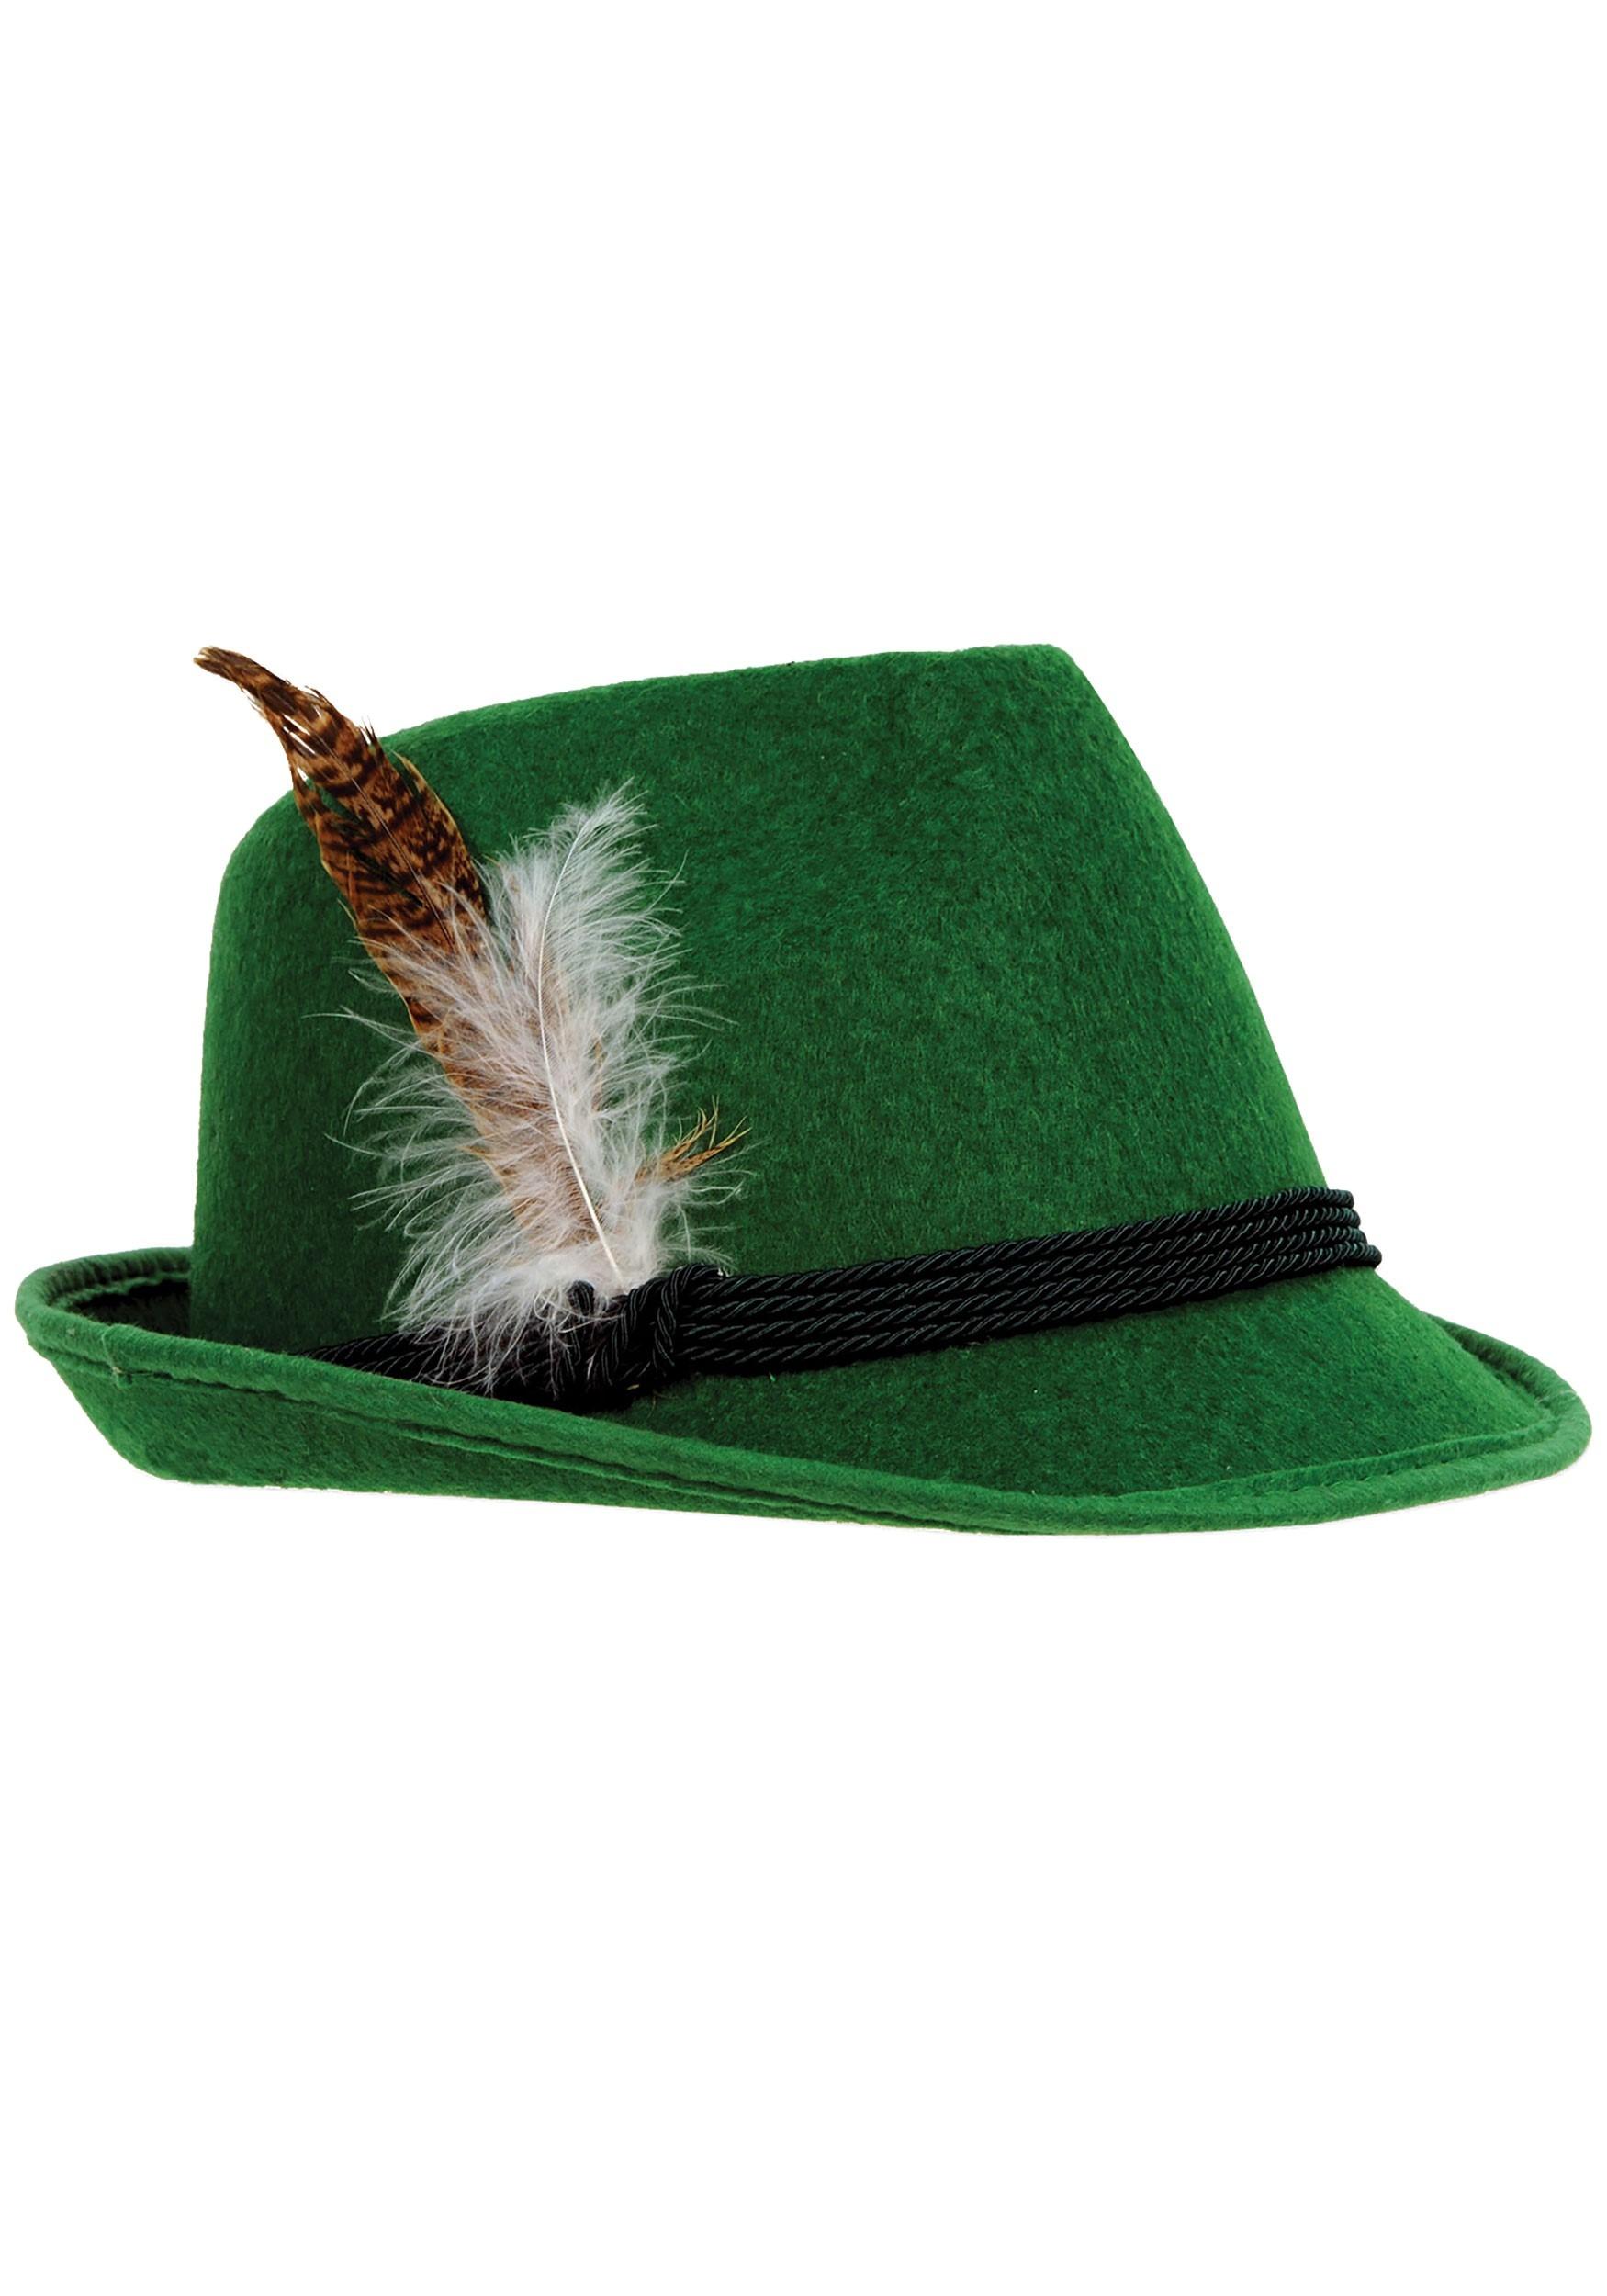 Green_German_Deluxe_Hat